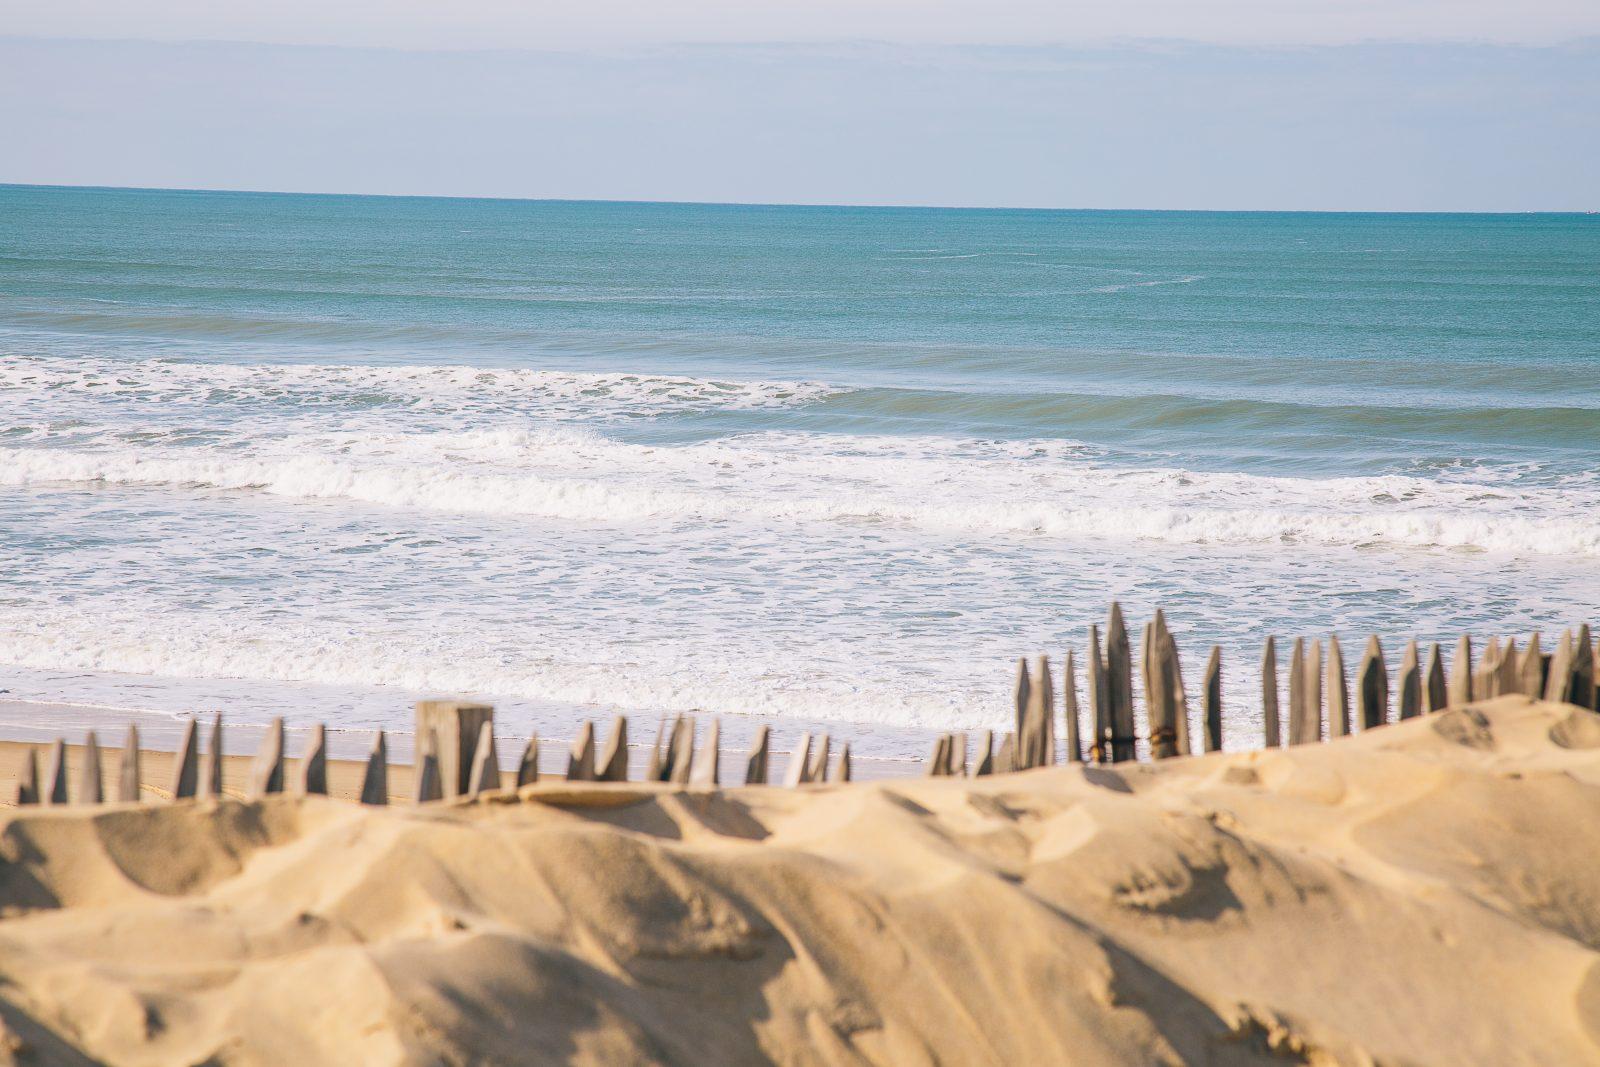 plage-horizon-balade-hiver-43